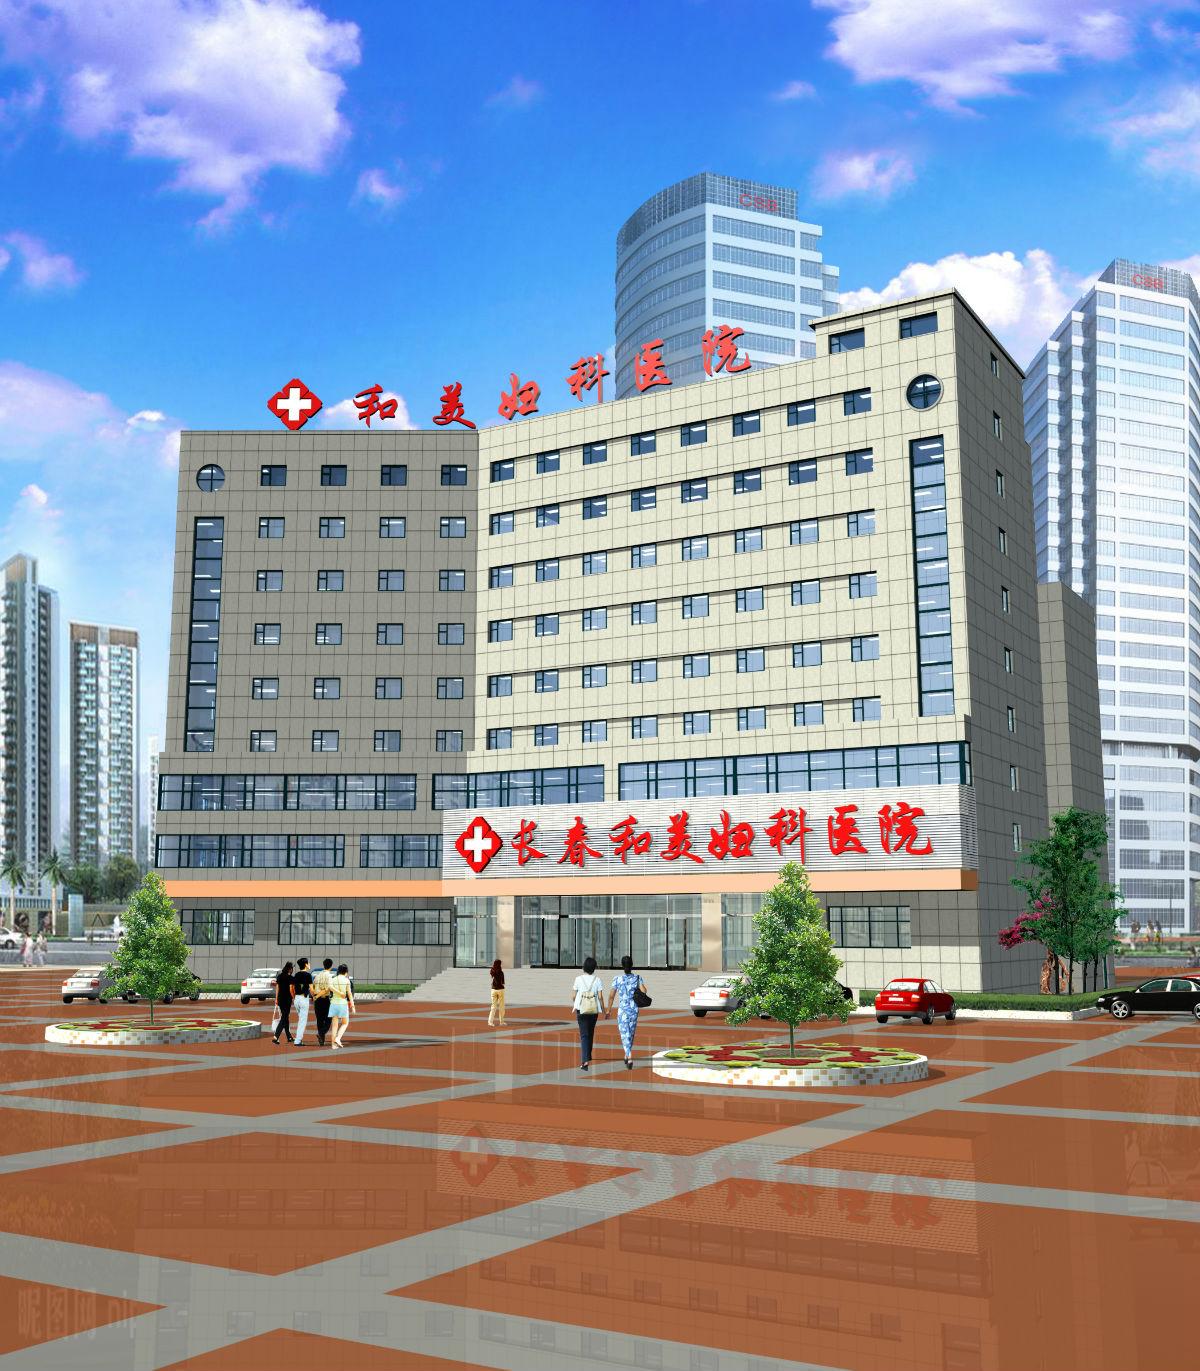 我想知道北京有哪些知名的妇科医院,哪个医院看 左附件囊肿比较专业>